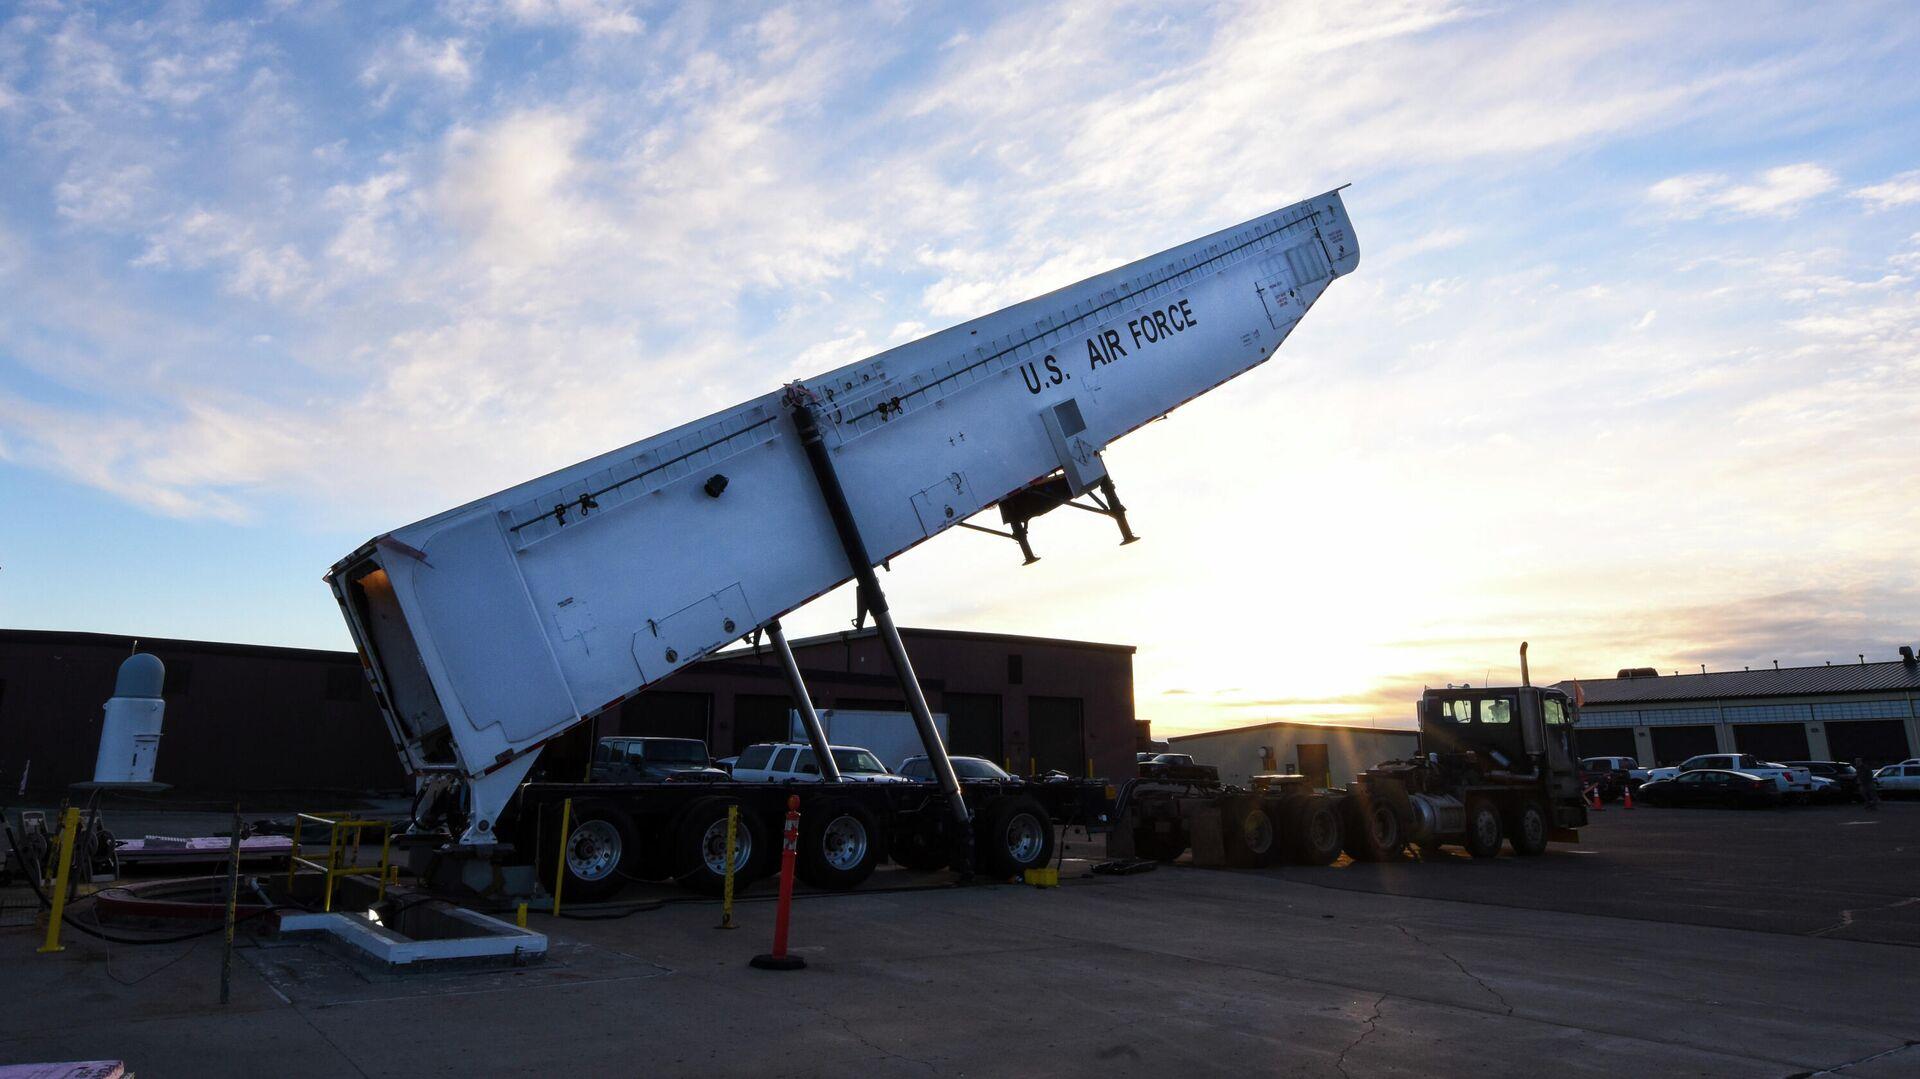 Транспортно-заряжающая машина межконтинентальной баллистической ракеты Minuteman III армии США - РИА Новости, 1920, 06.02.2020